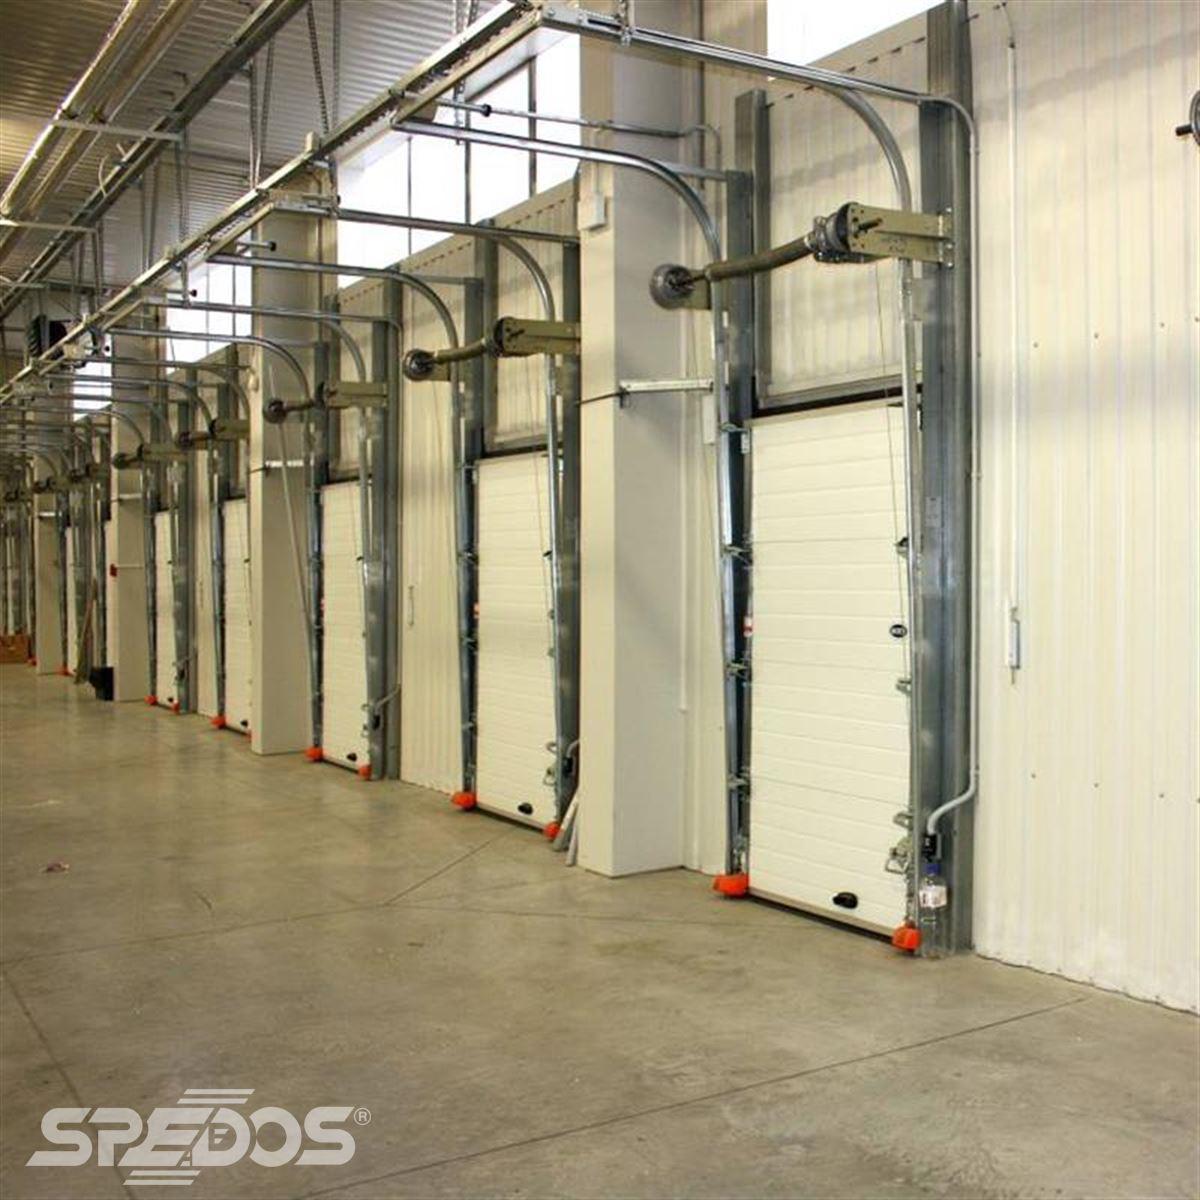 malá sekční vrata Spedos